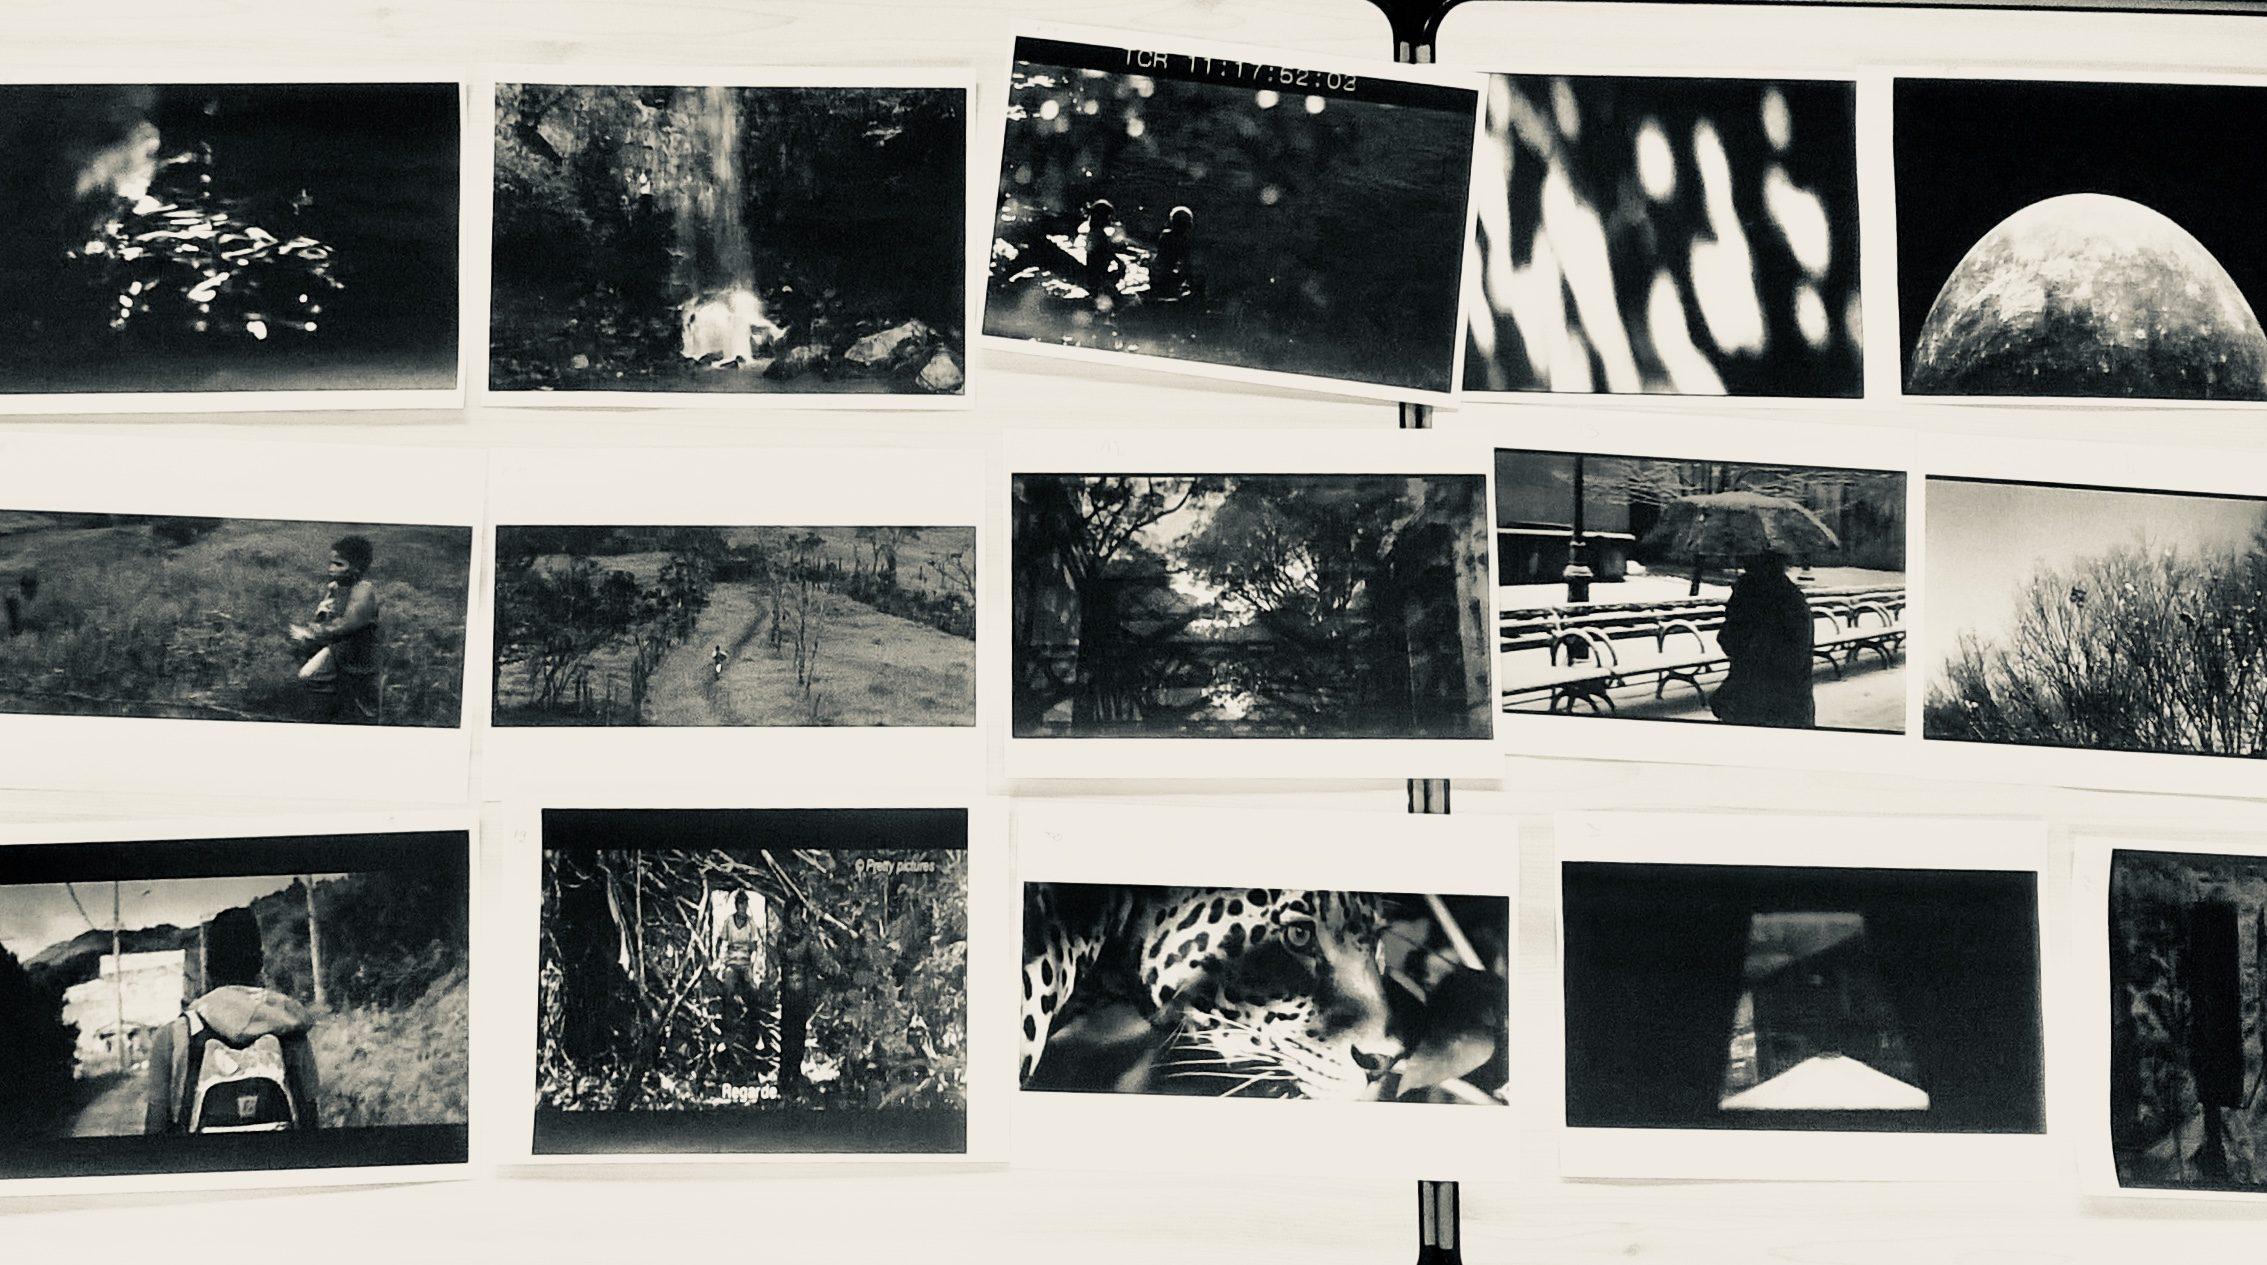 Sélection de captures d'écran représentant les extraits vidéo sélectionnés.